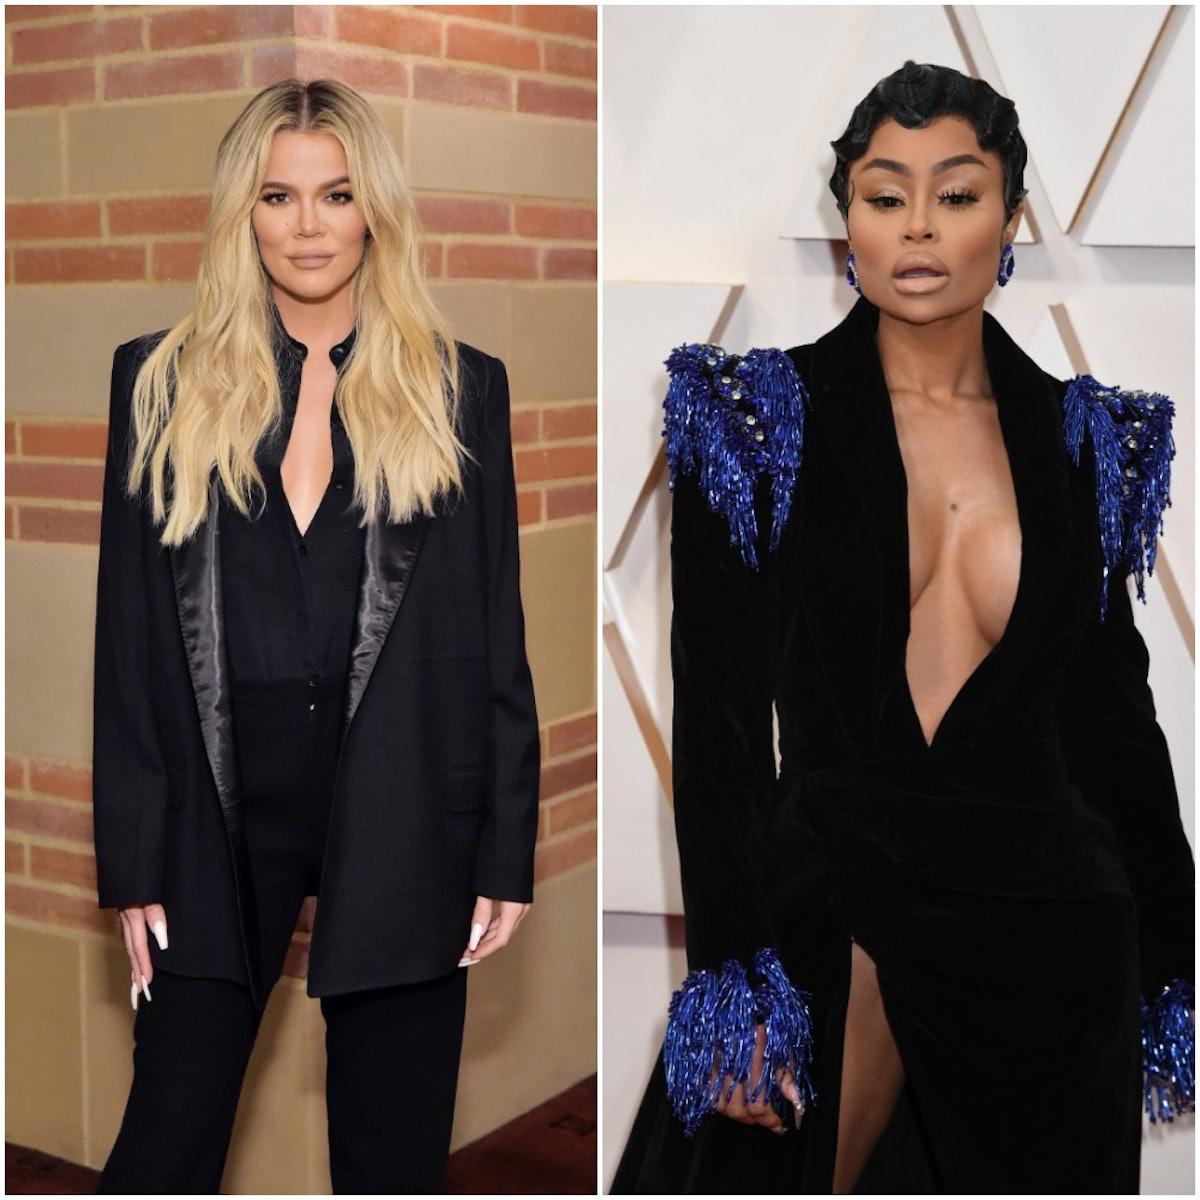 Khloe Kardashian and Blac Chyna